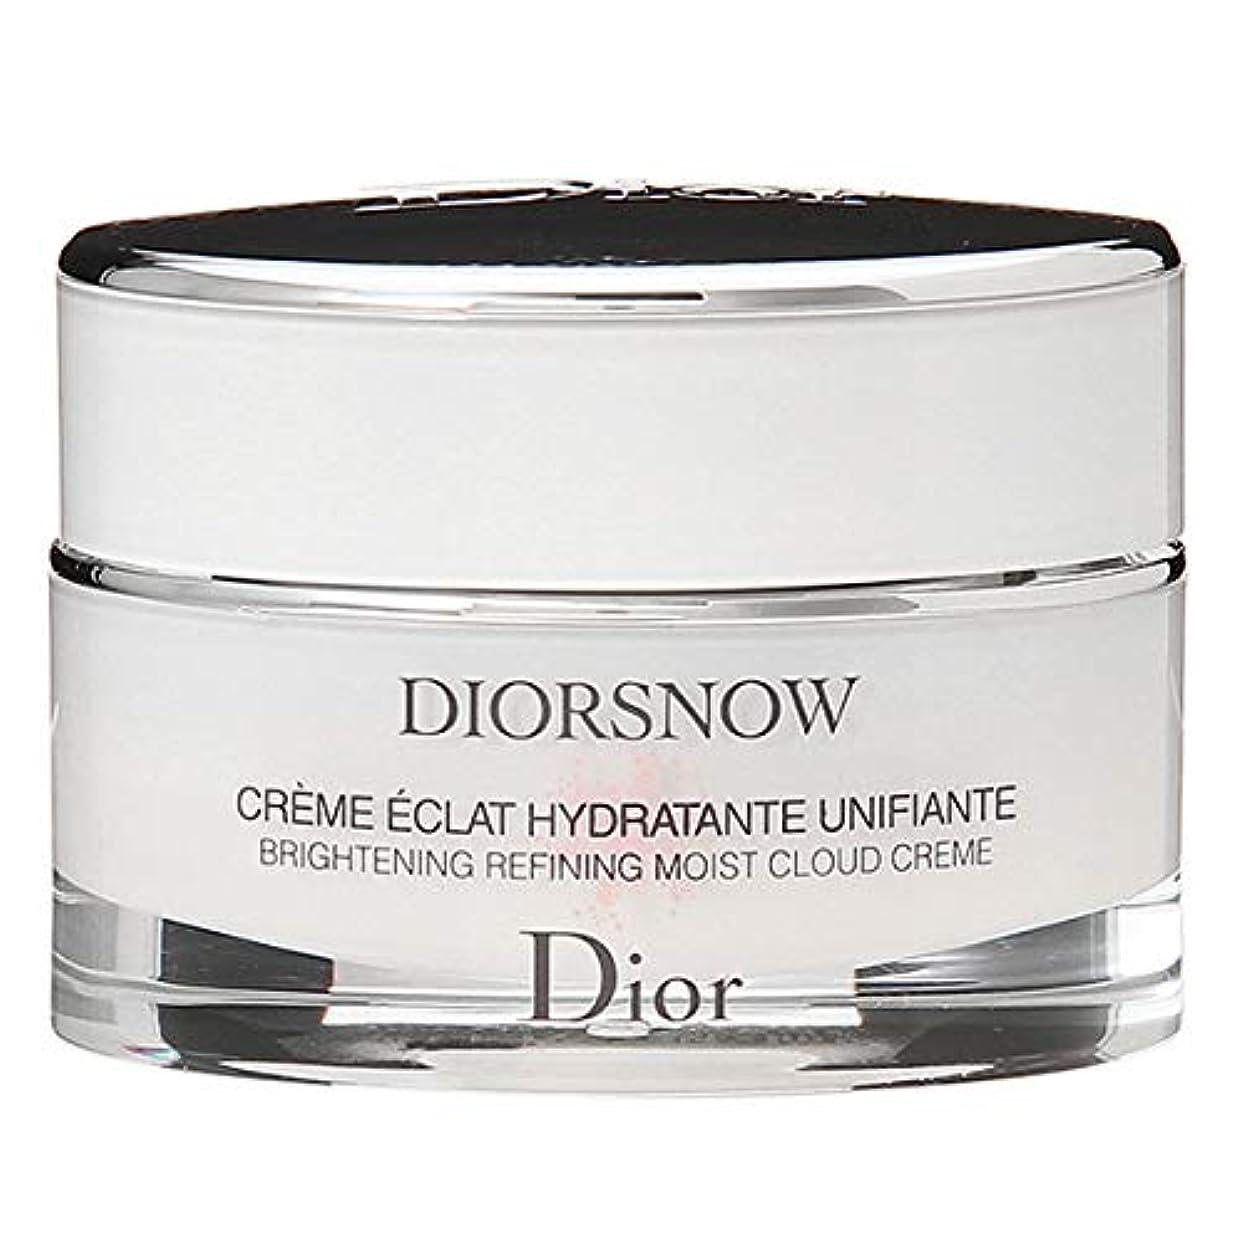 優しい昆虫を見るデータムクリスチャンディオール Christian Dior ディオール スノー ブライトニング モイスト クリーム 50mL 【並行輸入品】